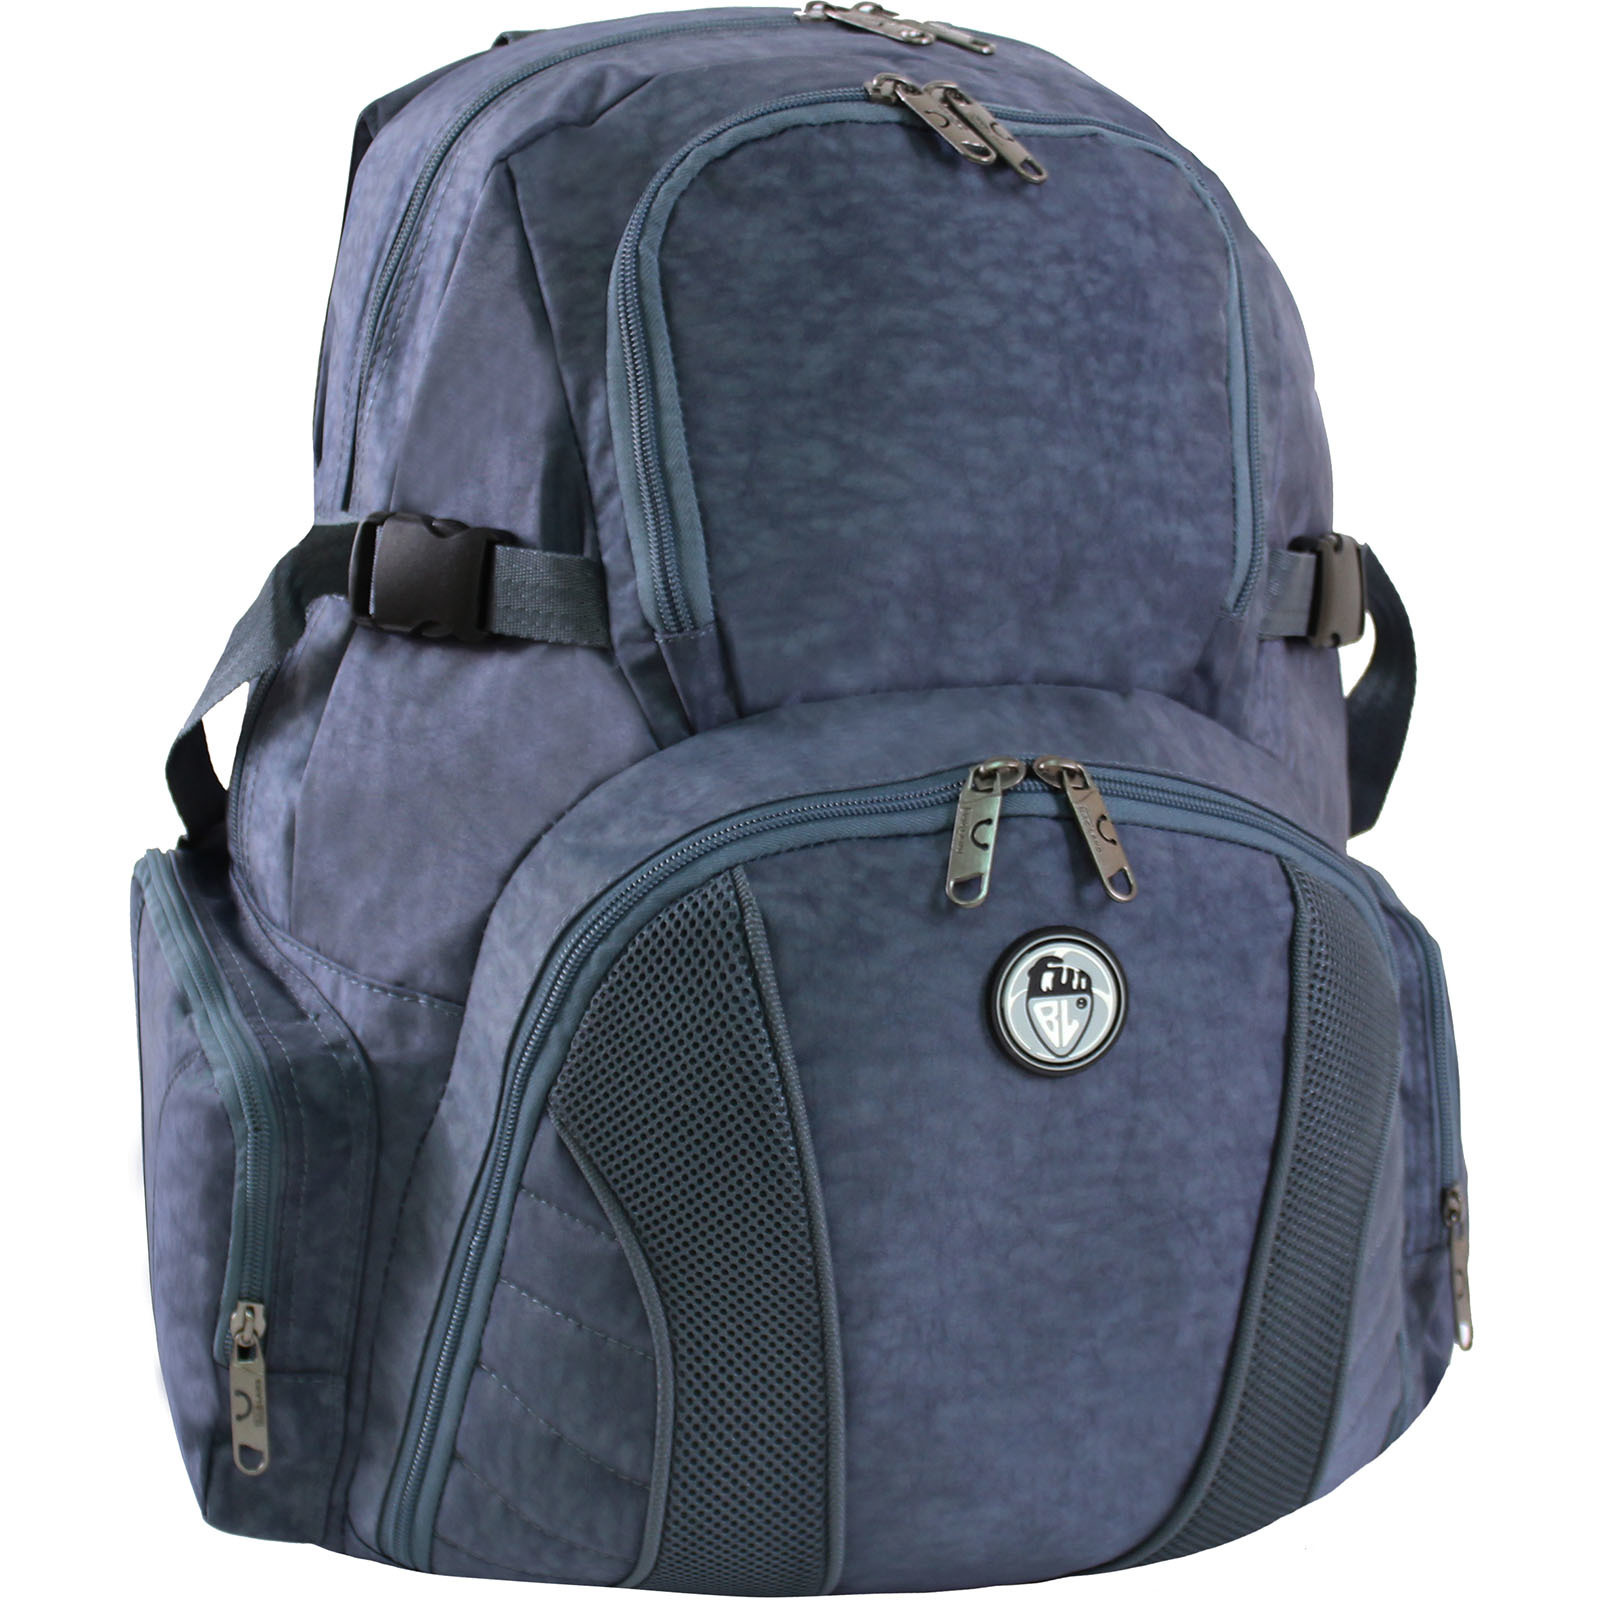 Городские рюкзаки Рюкзак Bagland Звезда 35 л. Темно серый (0018870) IMG_1186.JPG